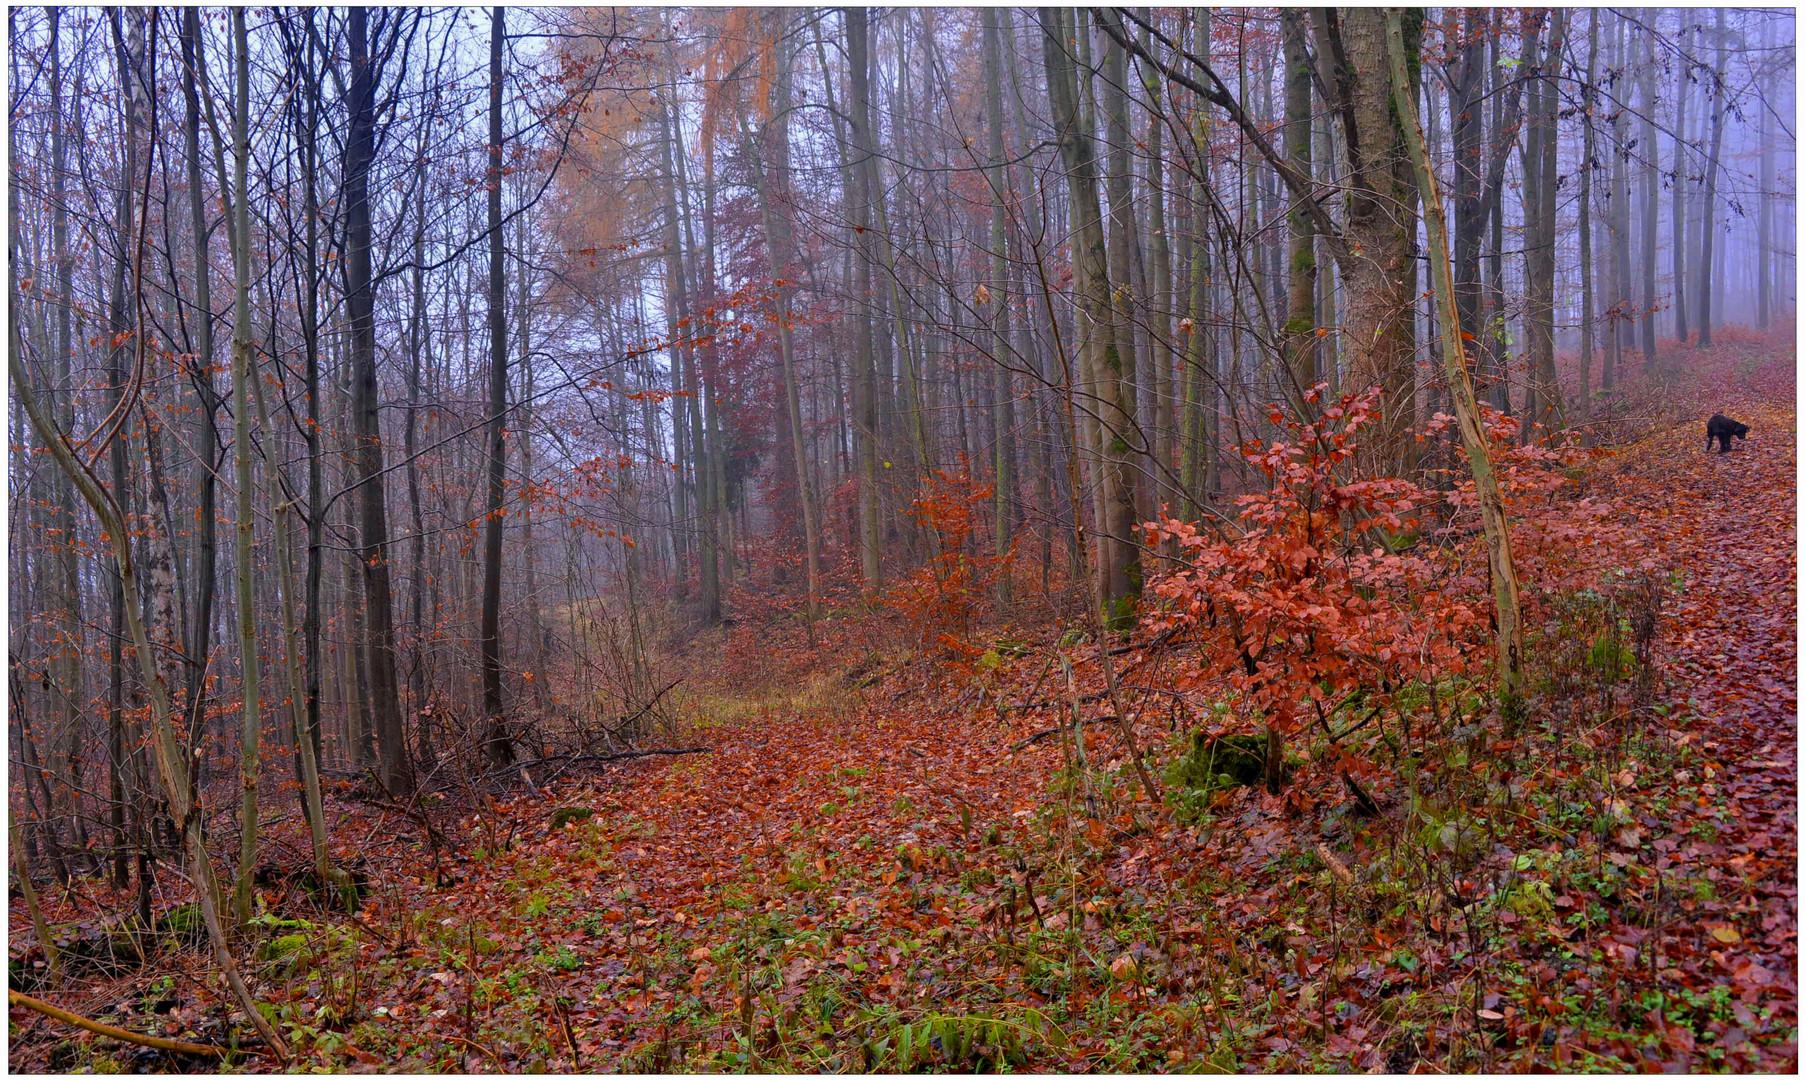 Wicky-Emily está de viaje de exploración en el bosque otoñal (Wicky auf Entdeckungstour im Wald)